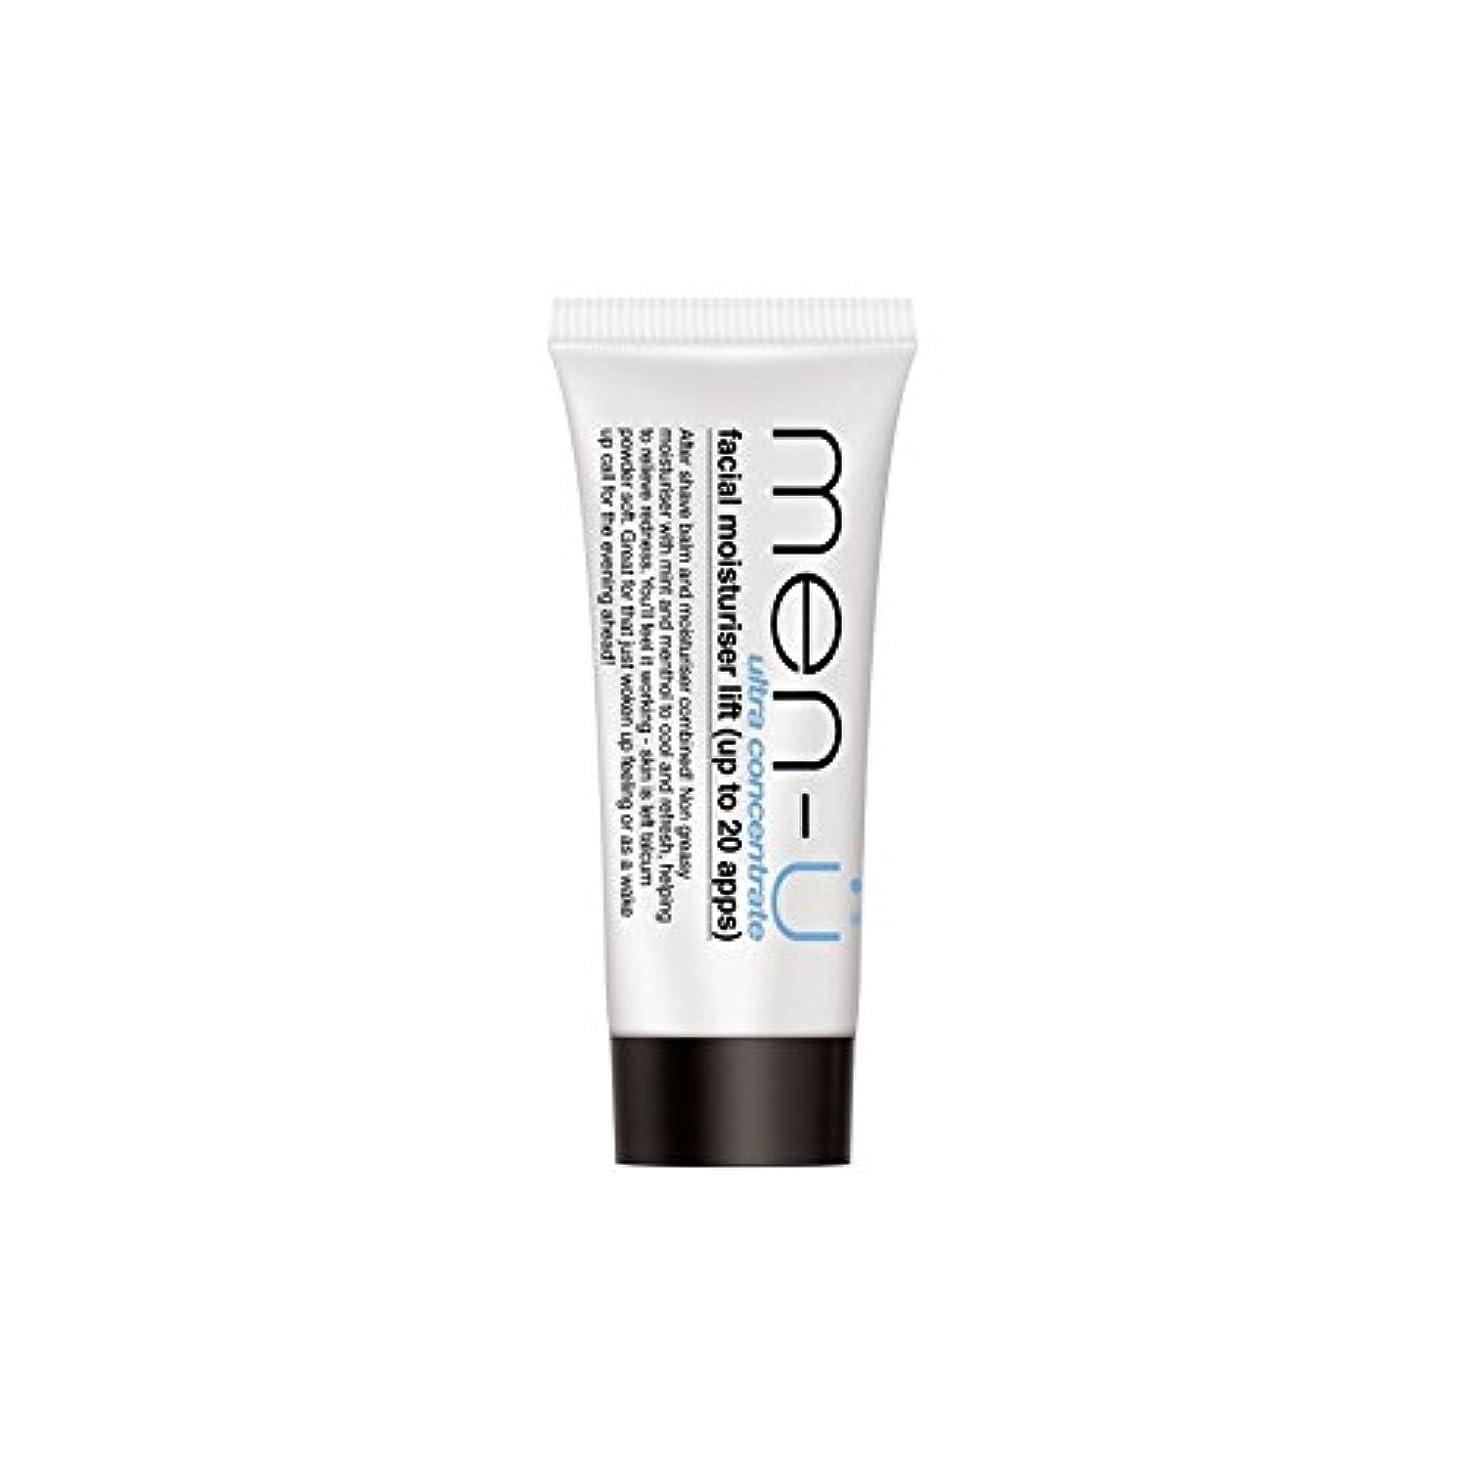 快い最少発掘男性-のバディ顔の保湿剤のリフトチューブ(15ミリリットル) x2 - Men-? Buddy Facial Moisturiser Lift Tube (15ml) (Pack of 2) [並行輸入品]